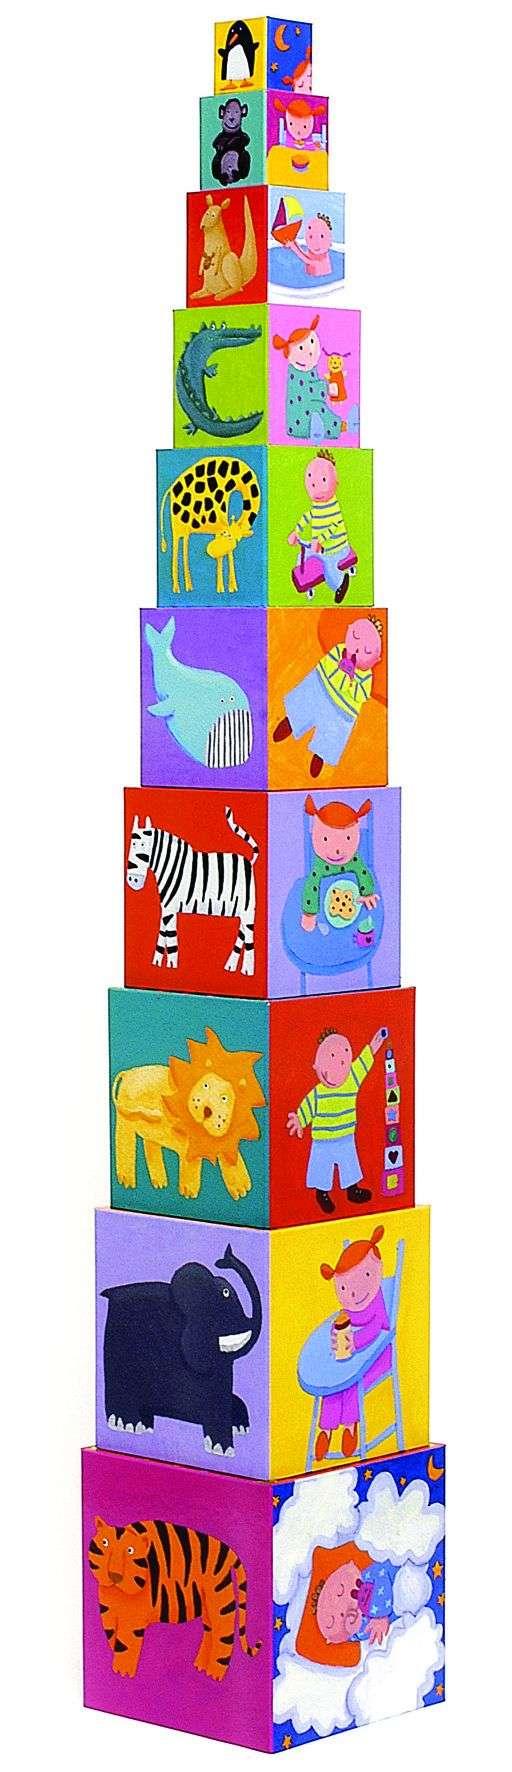 Djeco Pudełka do Układania Zwierzęta i Dzieci